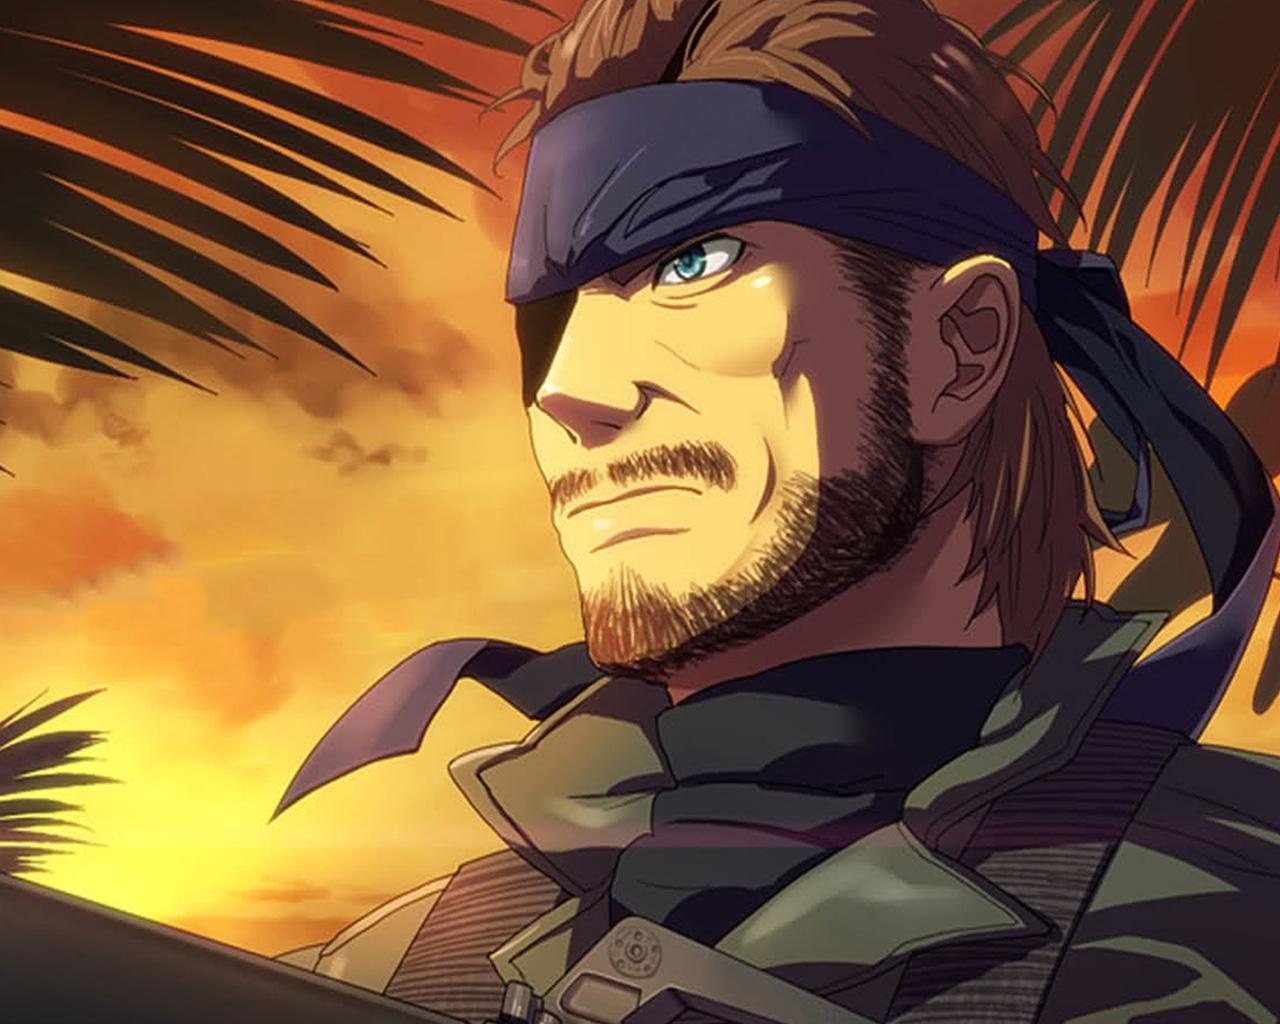 Free Metal Gear Solid: Peace Walker Wallpaper in 1280x1024